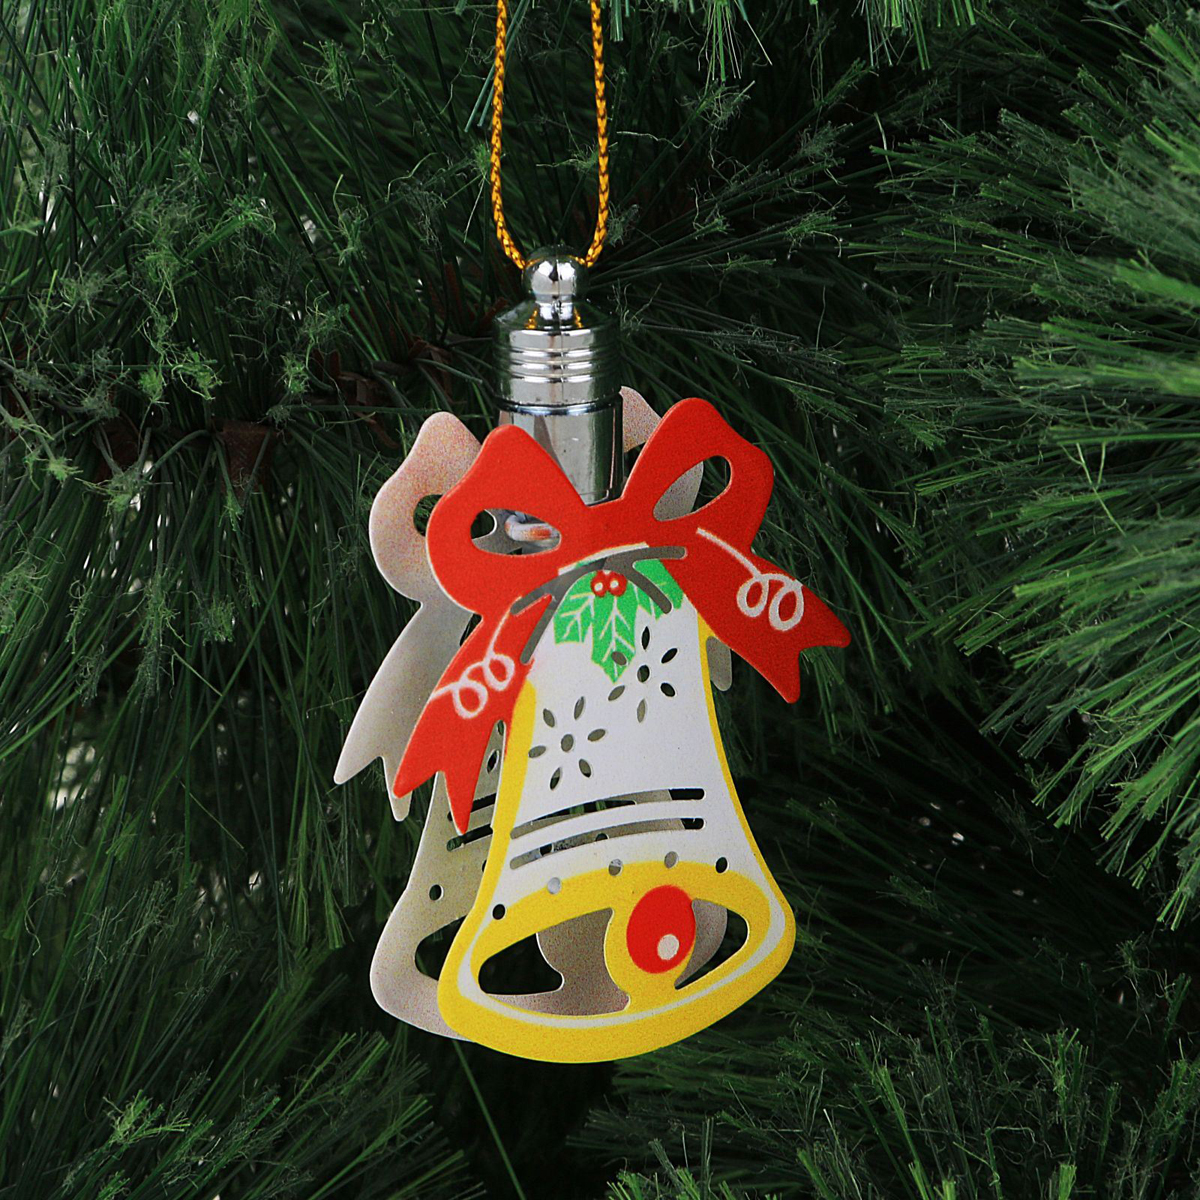 Подвеска новогодняя Luazon Lighting Колокольчик, световая, длина 7,5 см2327185Световая новогодняя подвеска Luazon Lighting Колокольчик выполнена из металла в виде колокольчика. Елочное украшение выглядит как простая елочная игрушка днем, но при этом остается видимой вечером. Просто включите изделие с наступлением темноты, и оно украсит елку огоньками. Подвеска Luazon Lighting Колокольчик работает от батареек (входит в комплект) и пожаробезопасна, так как светодиоды не нагреваются, в отличие от ламп накаливания.